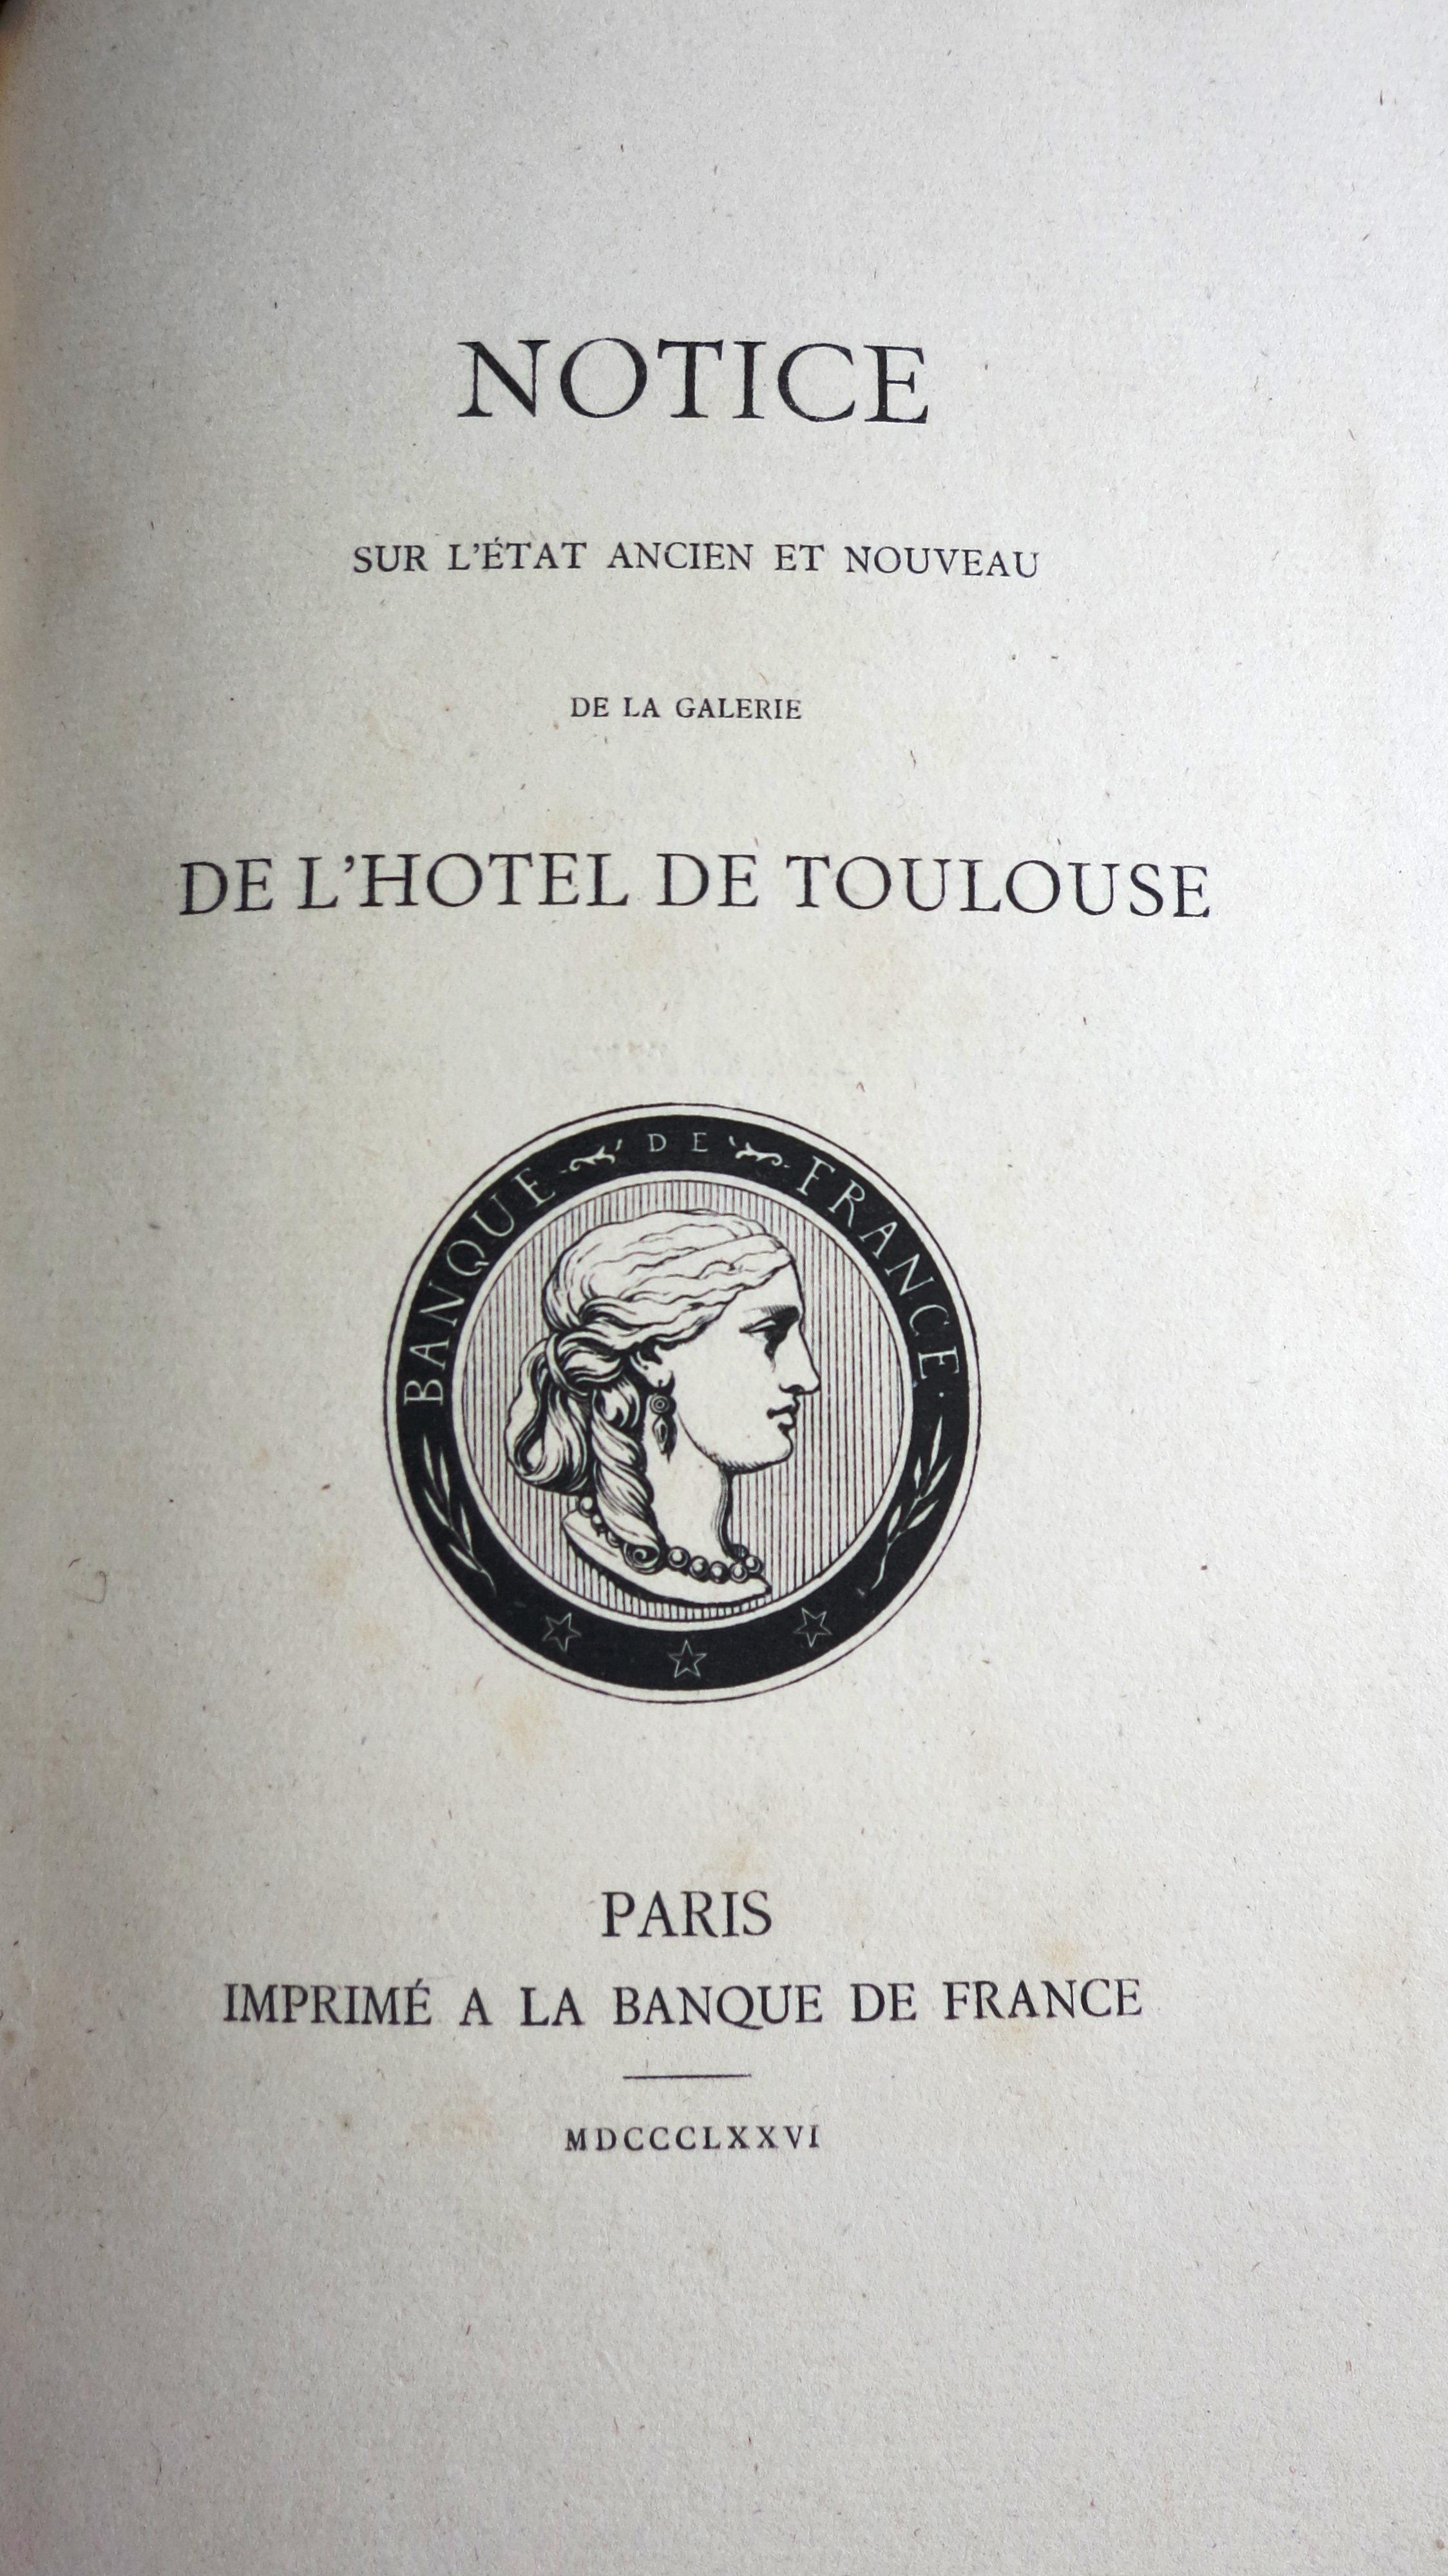 Notice sur l'état ancien et nouveau de la Galerie de l'Hôtel de Toulouse